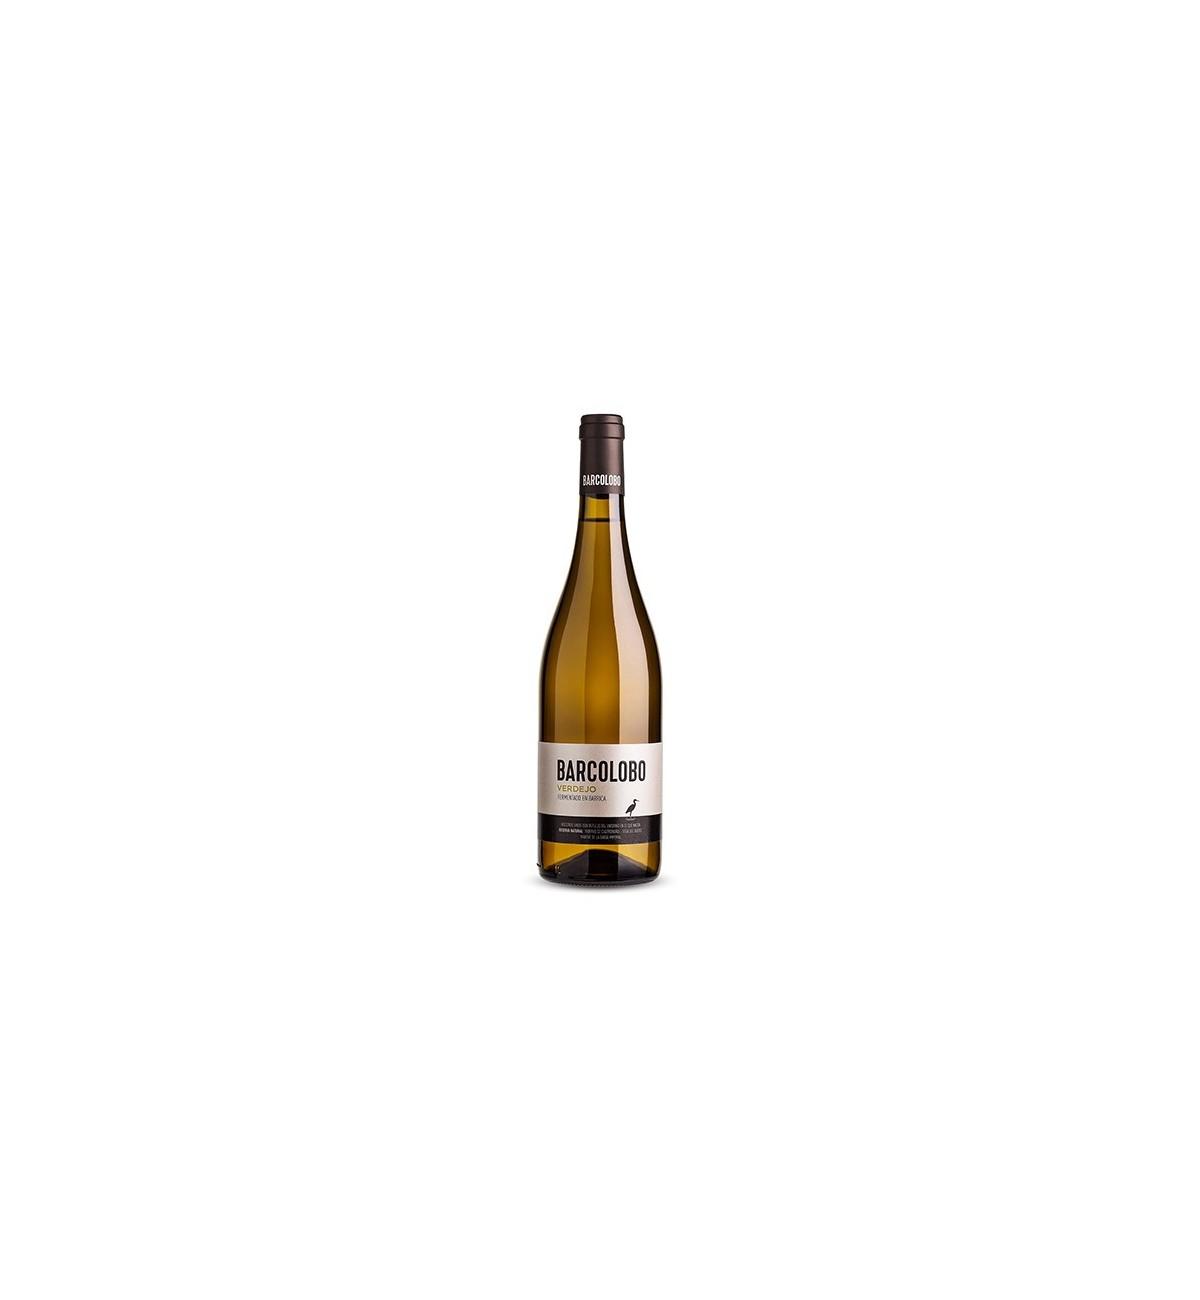 Barcolobo Verdejo Barrica 2019 - Vino blanco Tinto, Castilla y León